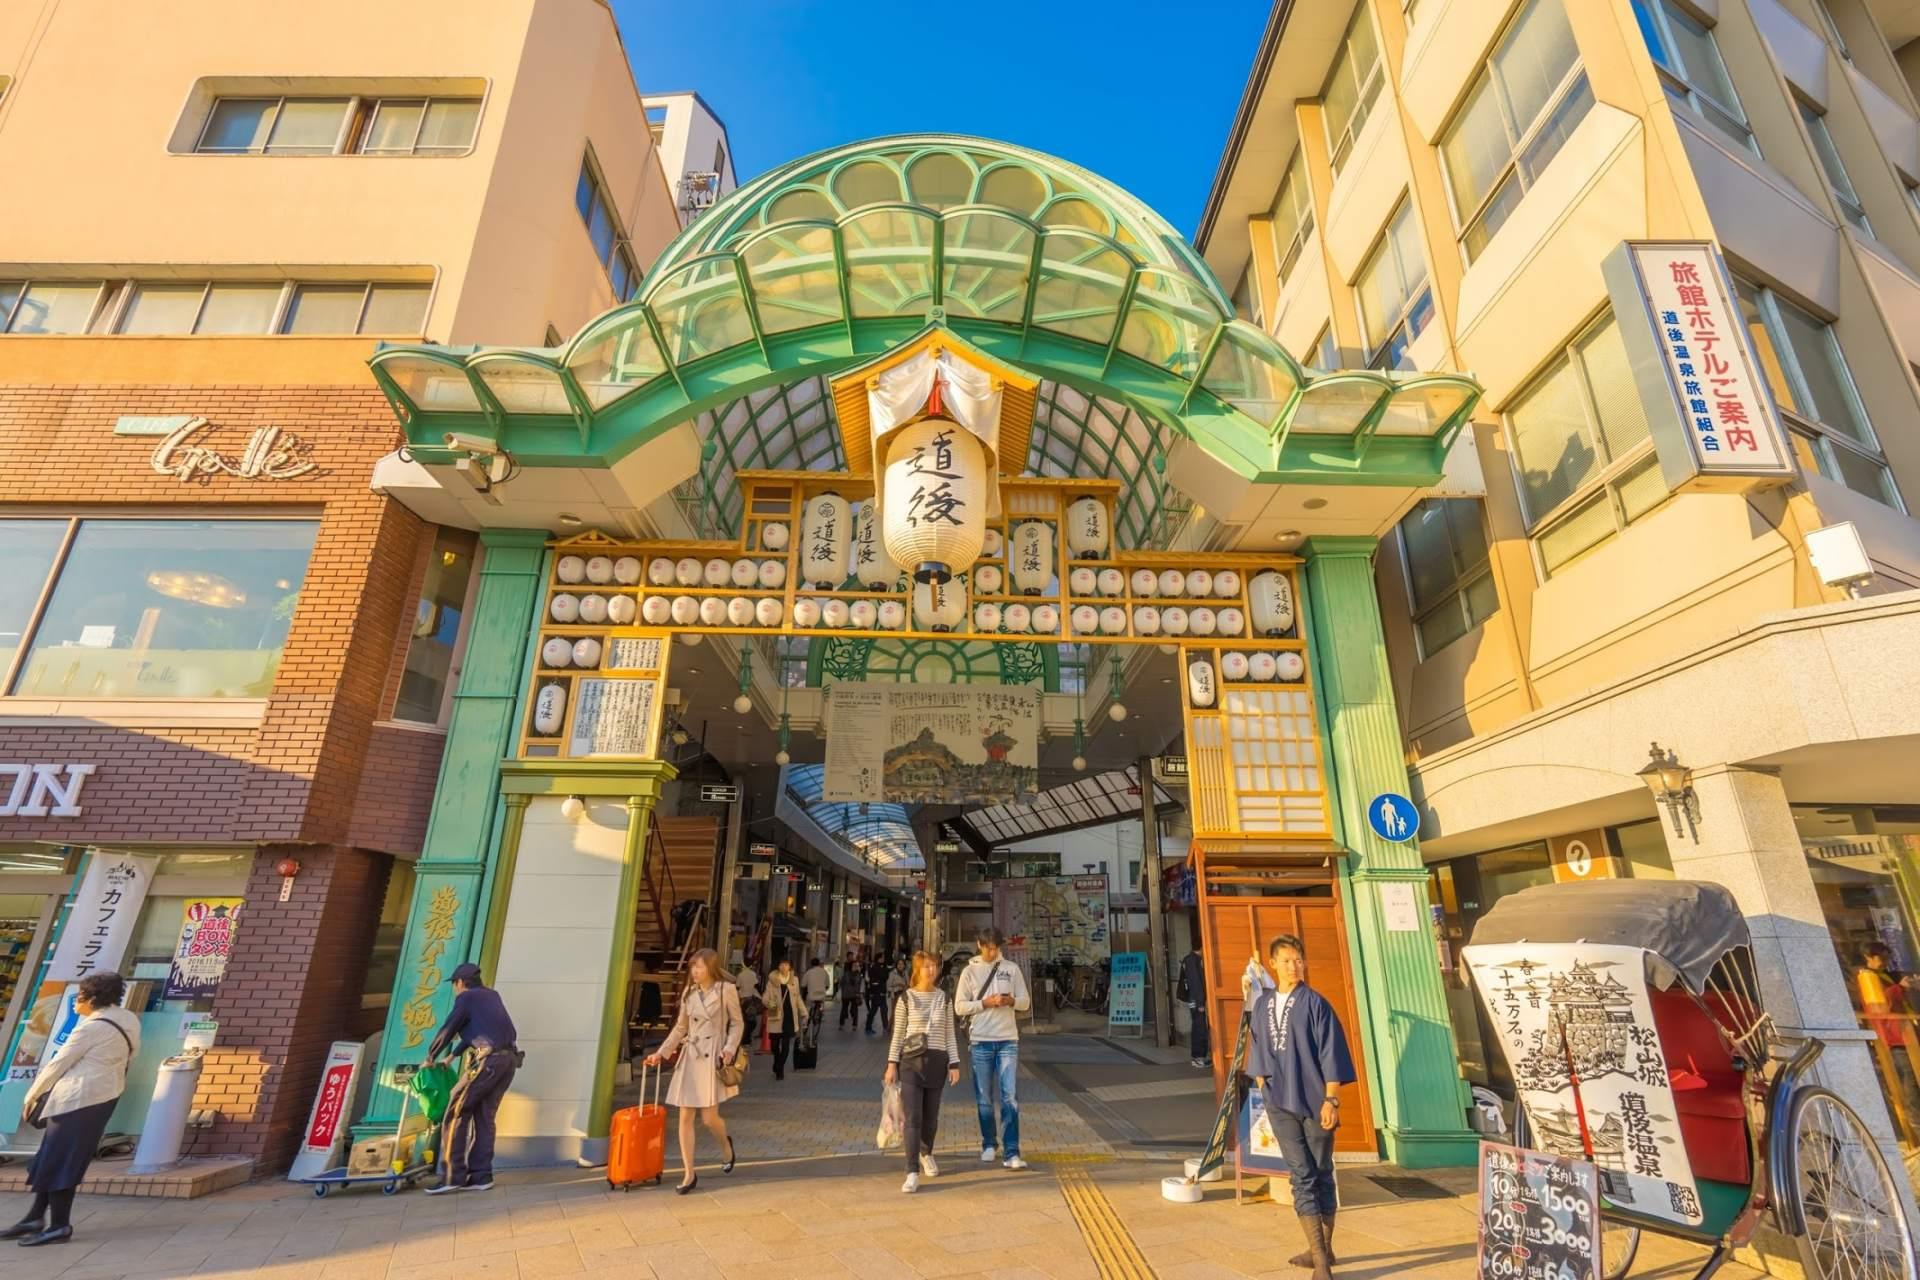 「道後商店街」的提燈裝飾「鈴生門」